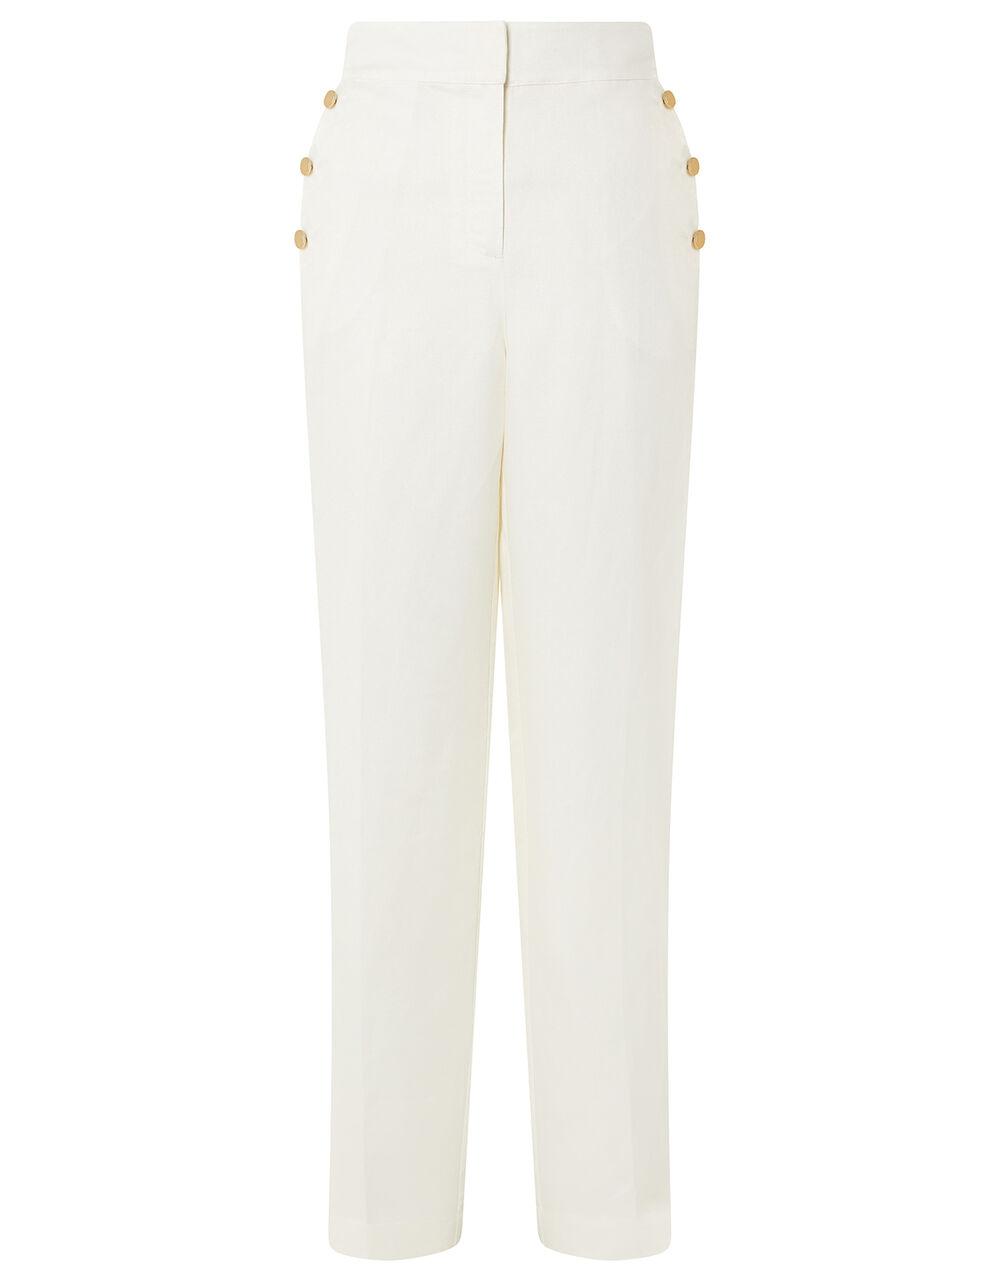 Smart Shorter Length Trousers in Linen Blend, White (WHITE), large